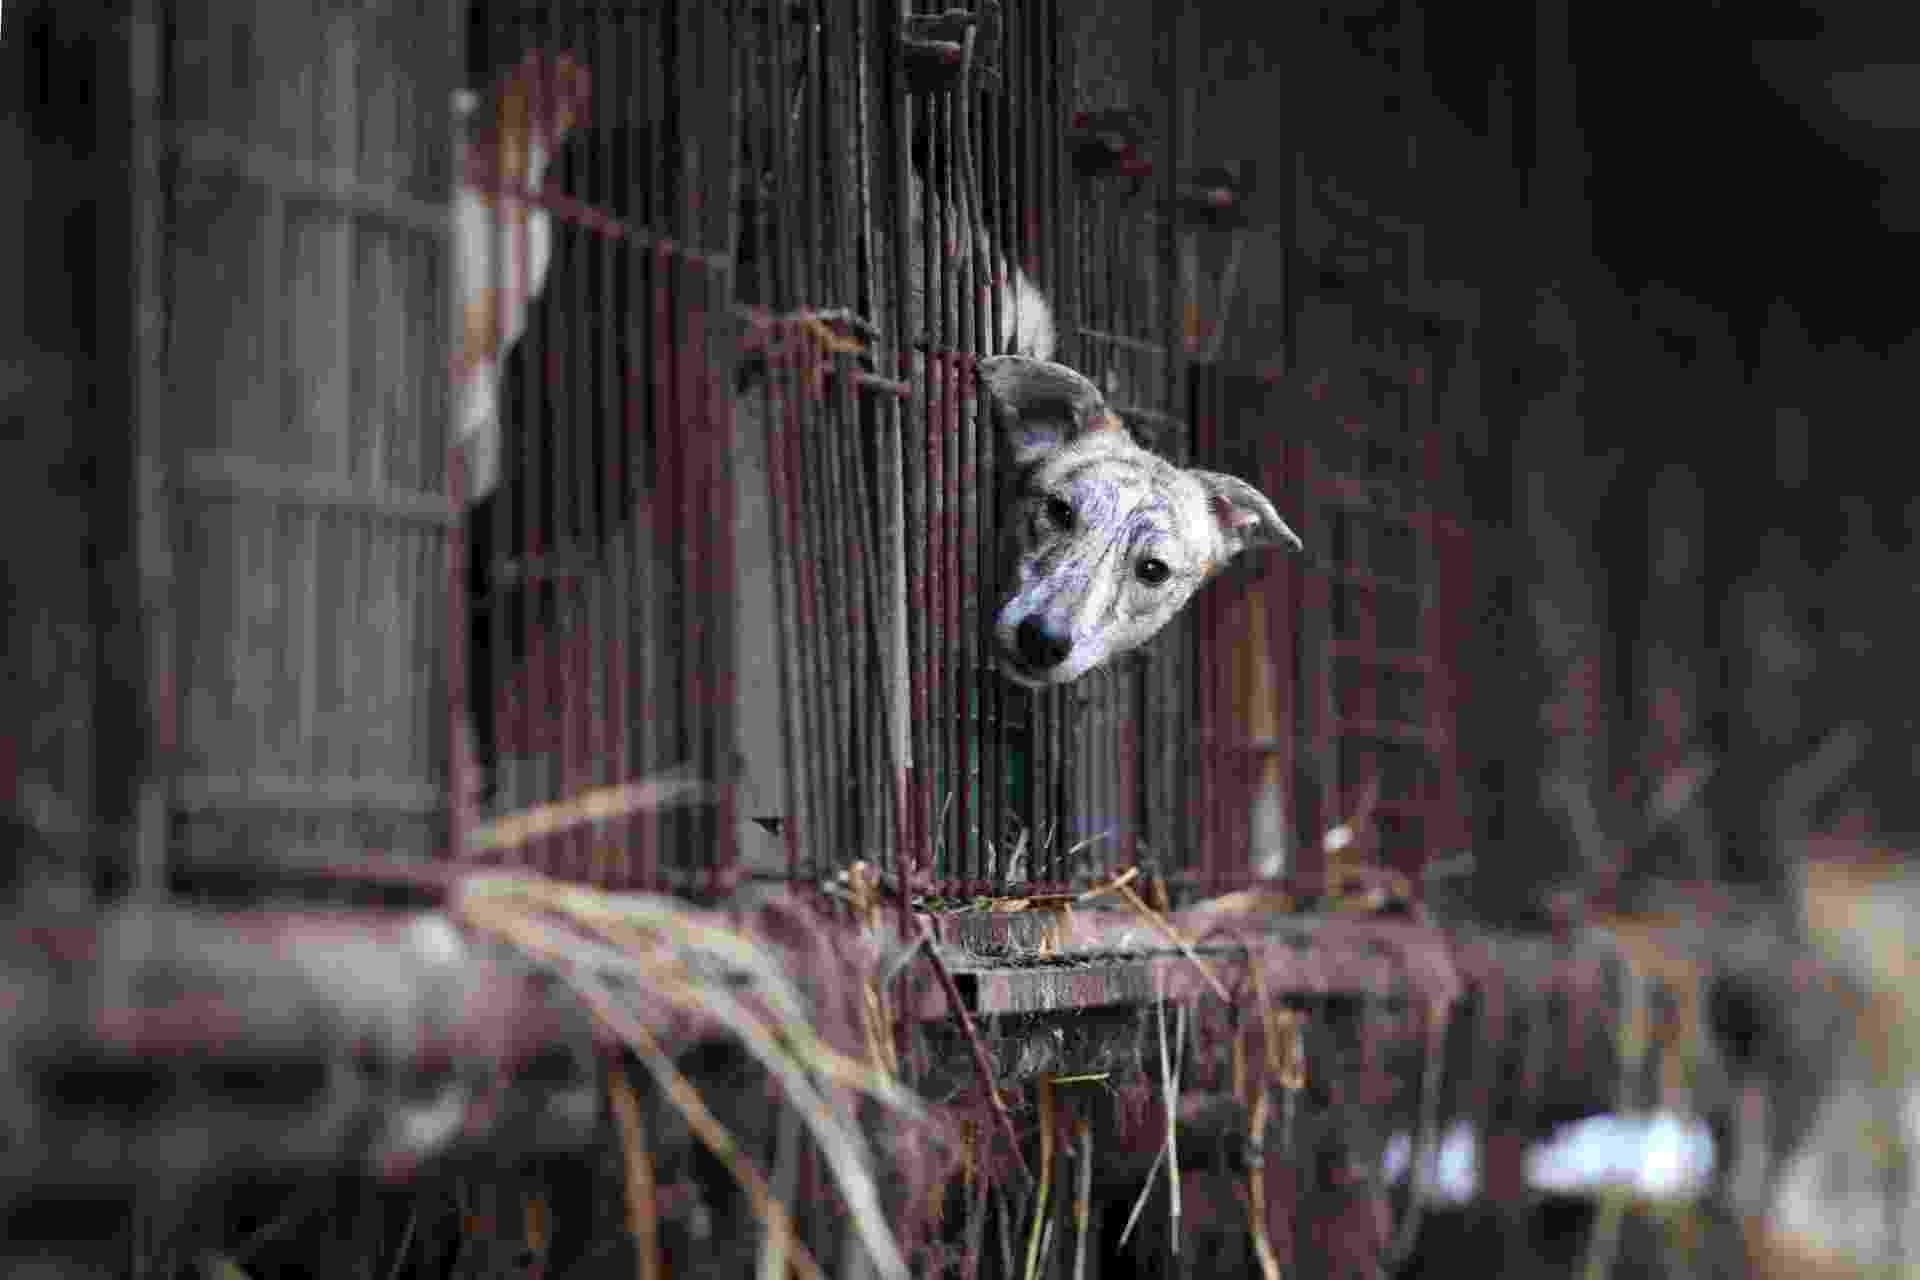 Cães latem quando seus salvadores os tiram das jaulas de uma granja na Coreia do Sul para enviá-los para famílias temporárias ocidentais e assim evitar que acabem em um prato de comida. Ser produtor de carne canina está com as horas contadas no país. - JUNG YEON-JE/AFP